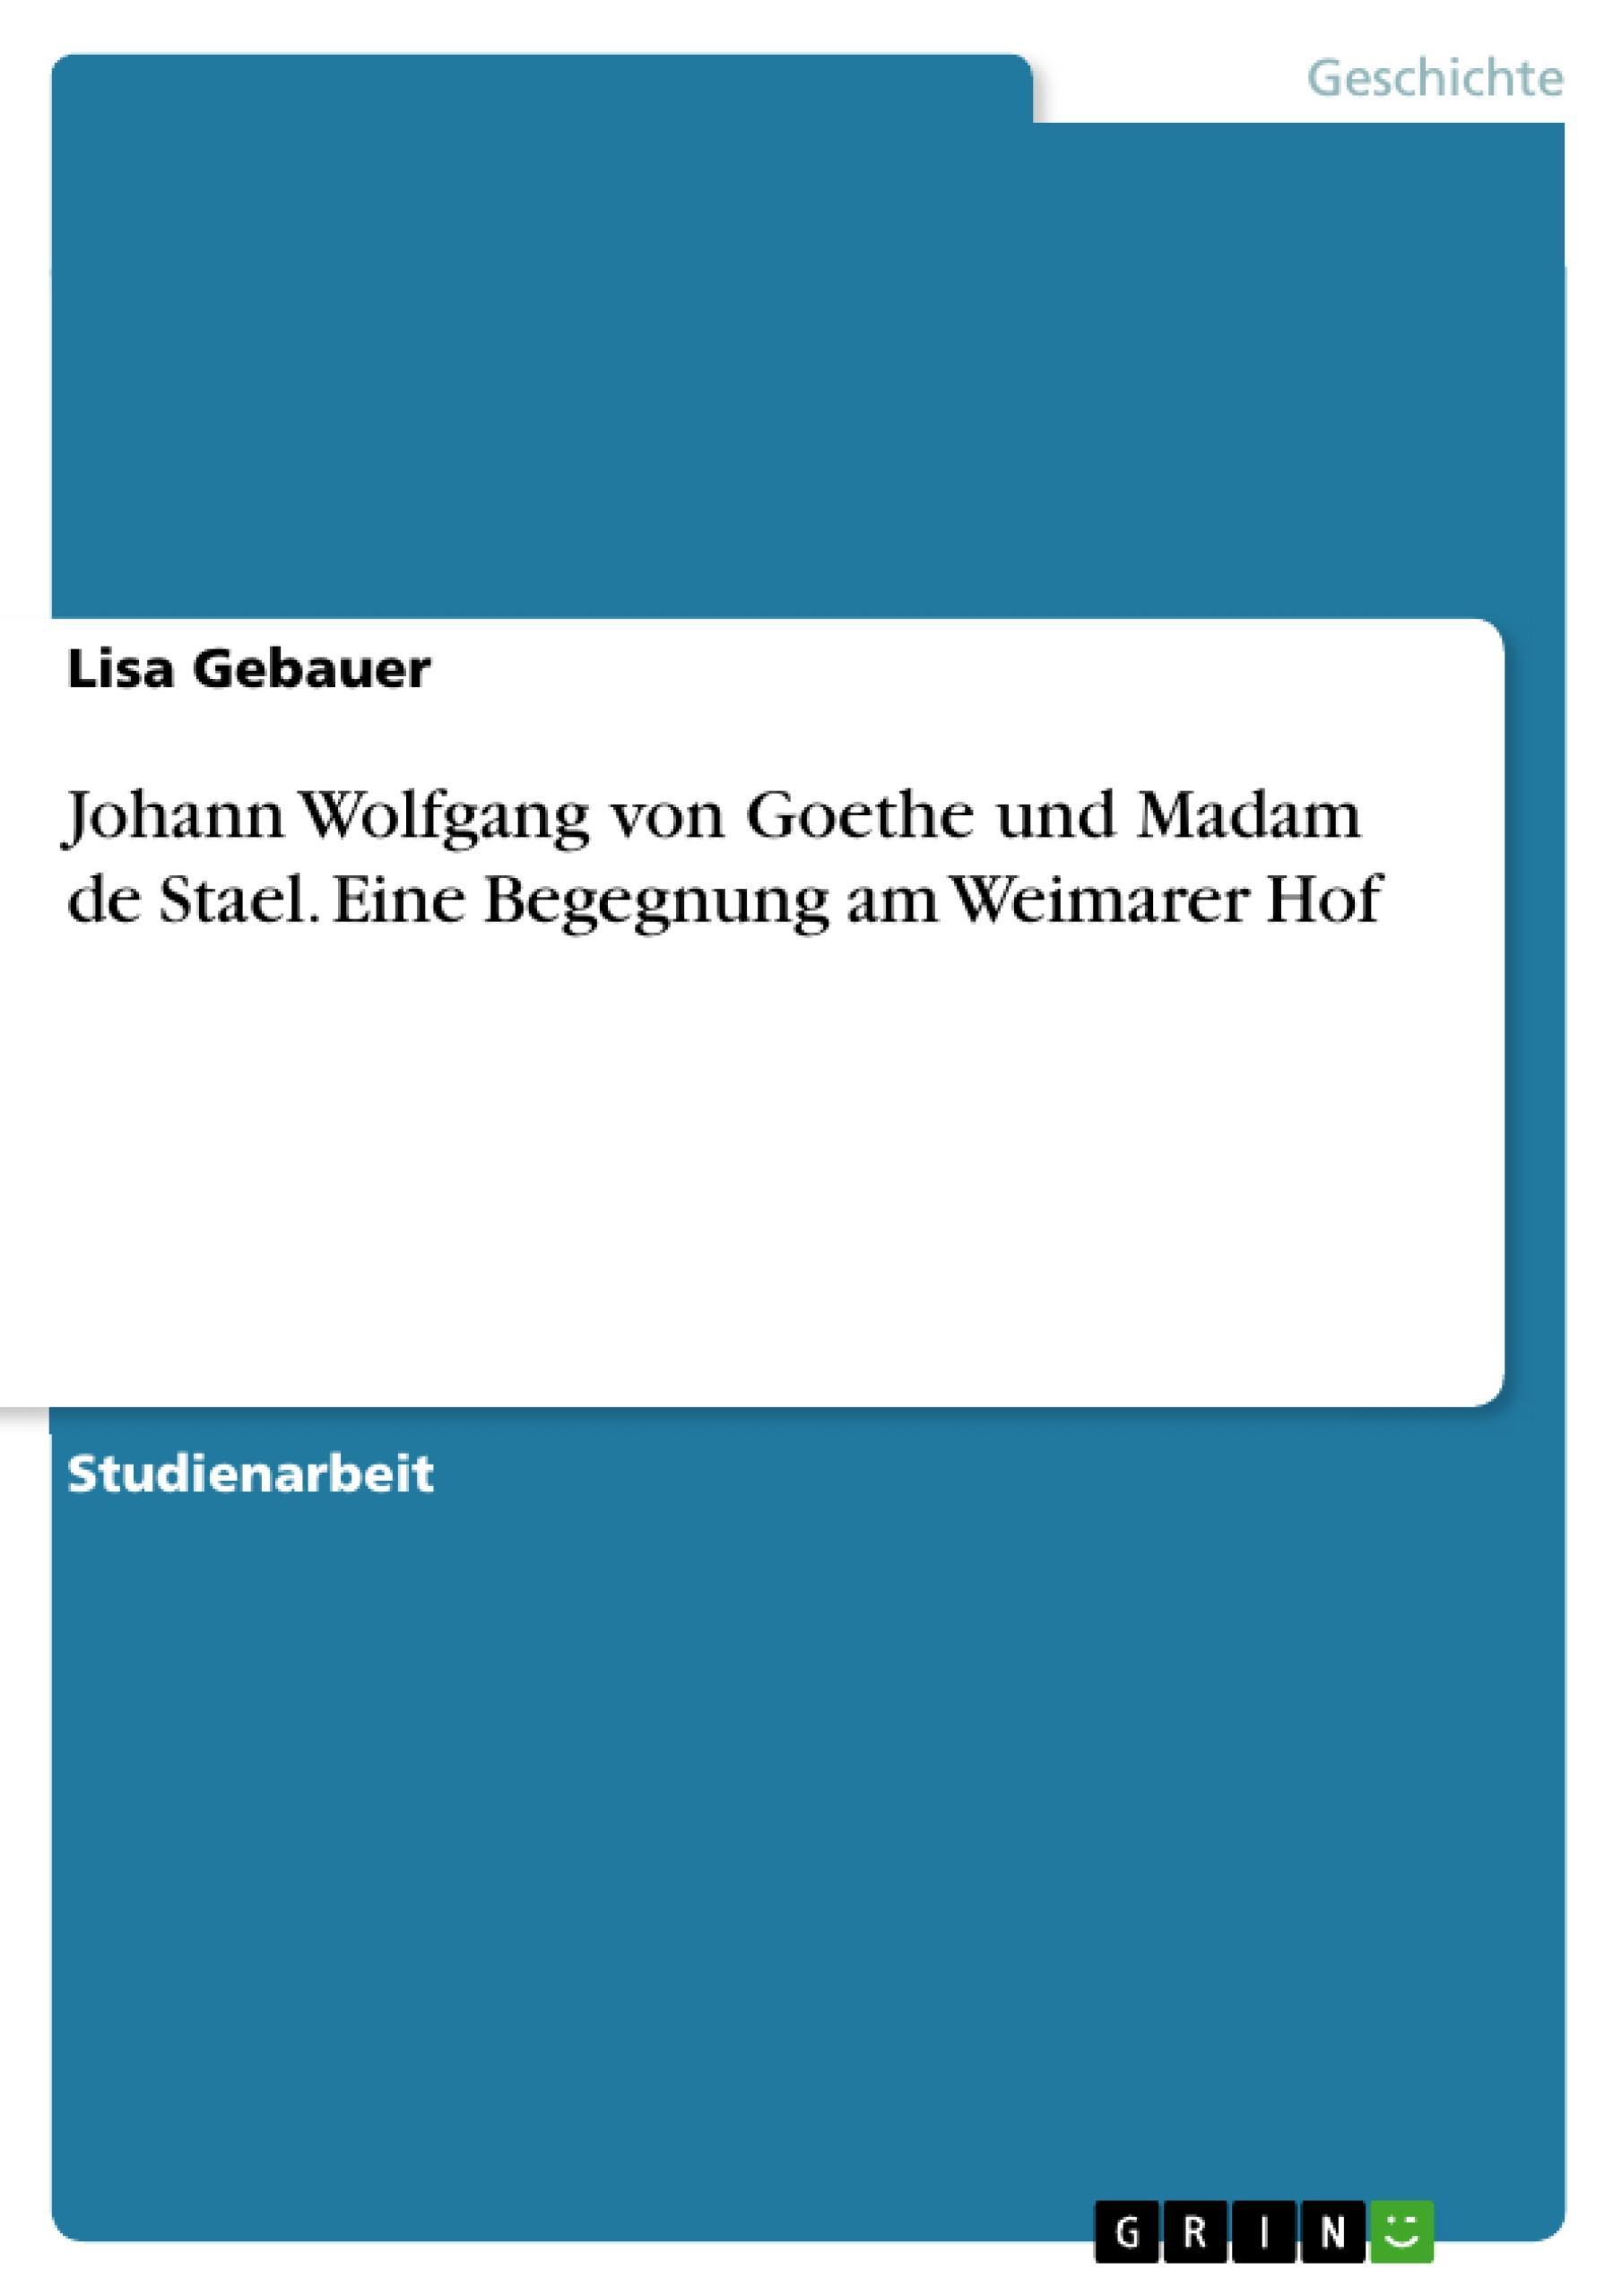 Johann Wolfgang von Goethe und Madam de Stael. Eine Begegnung am Weimarer H ...